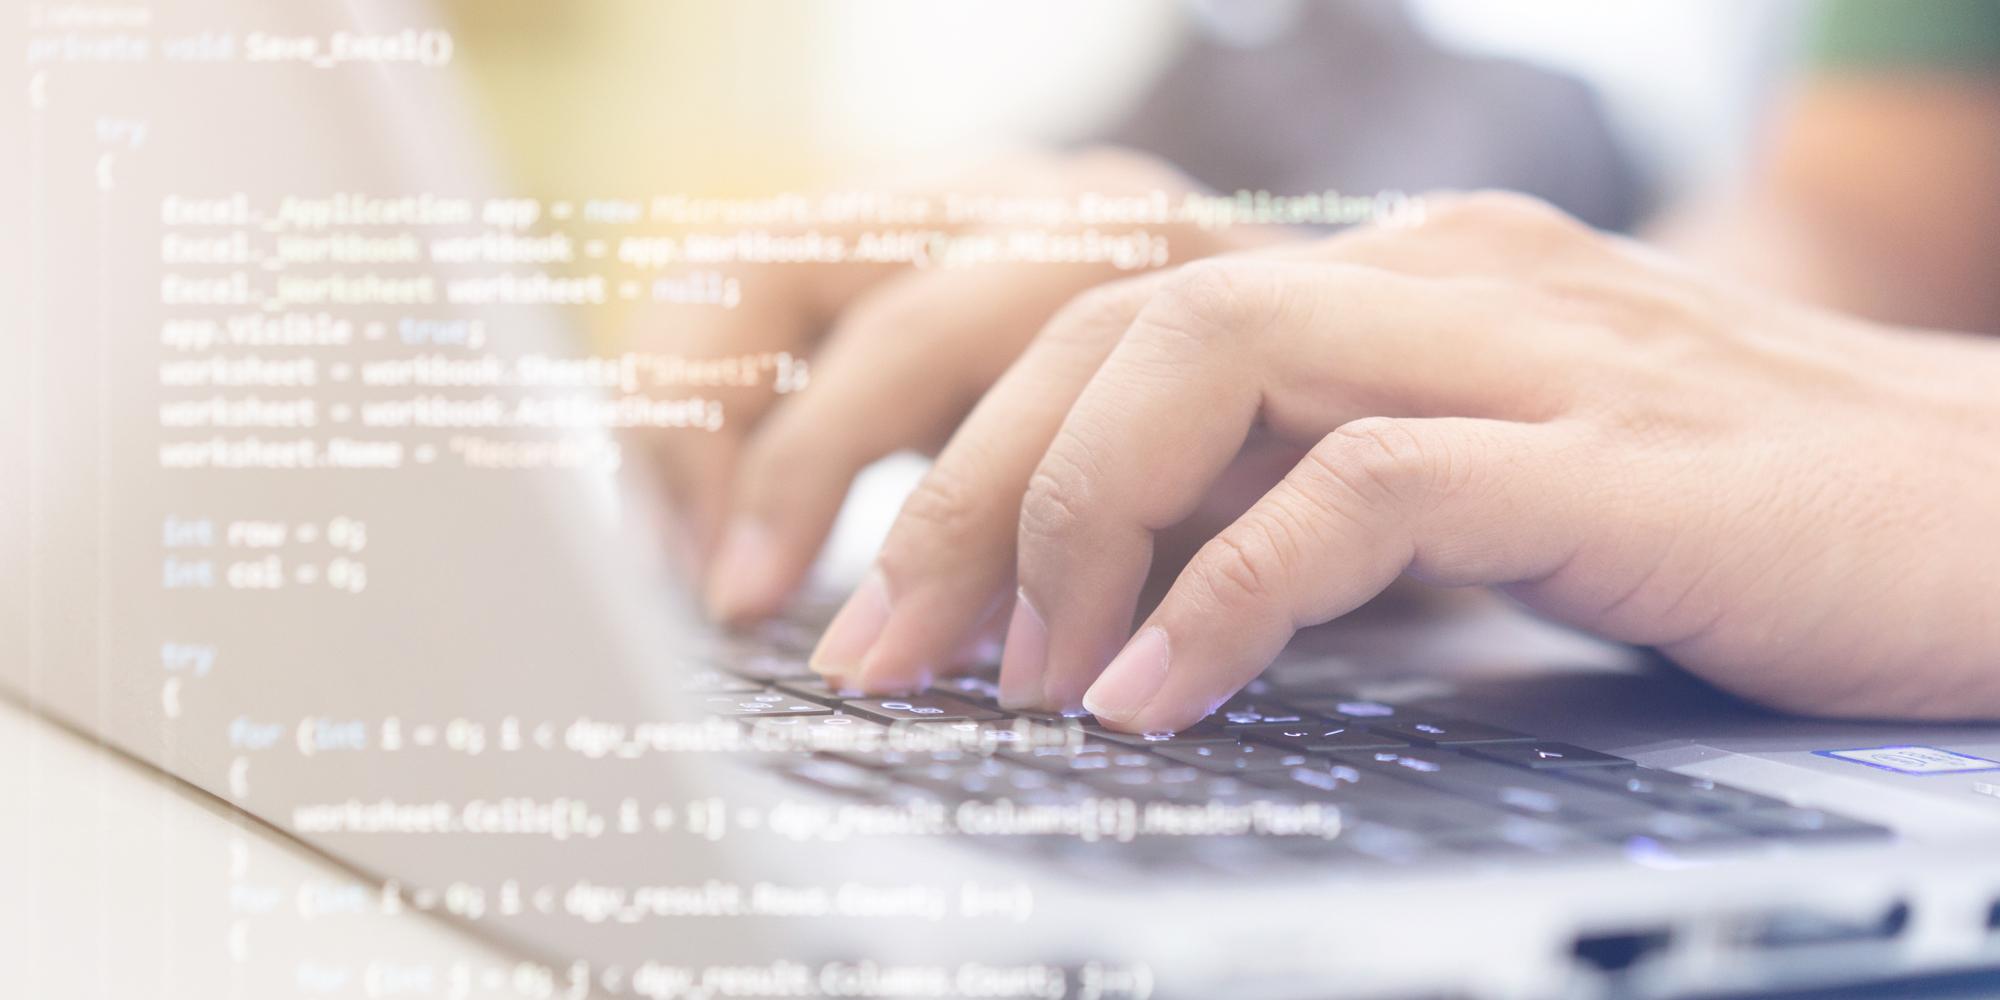 Hände auf einer Computertastatur, im Vordergrund stehen mehrere Zeilen einer Programmiersprache.